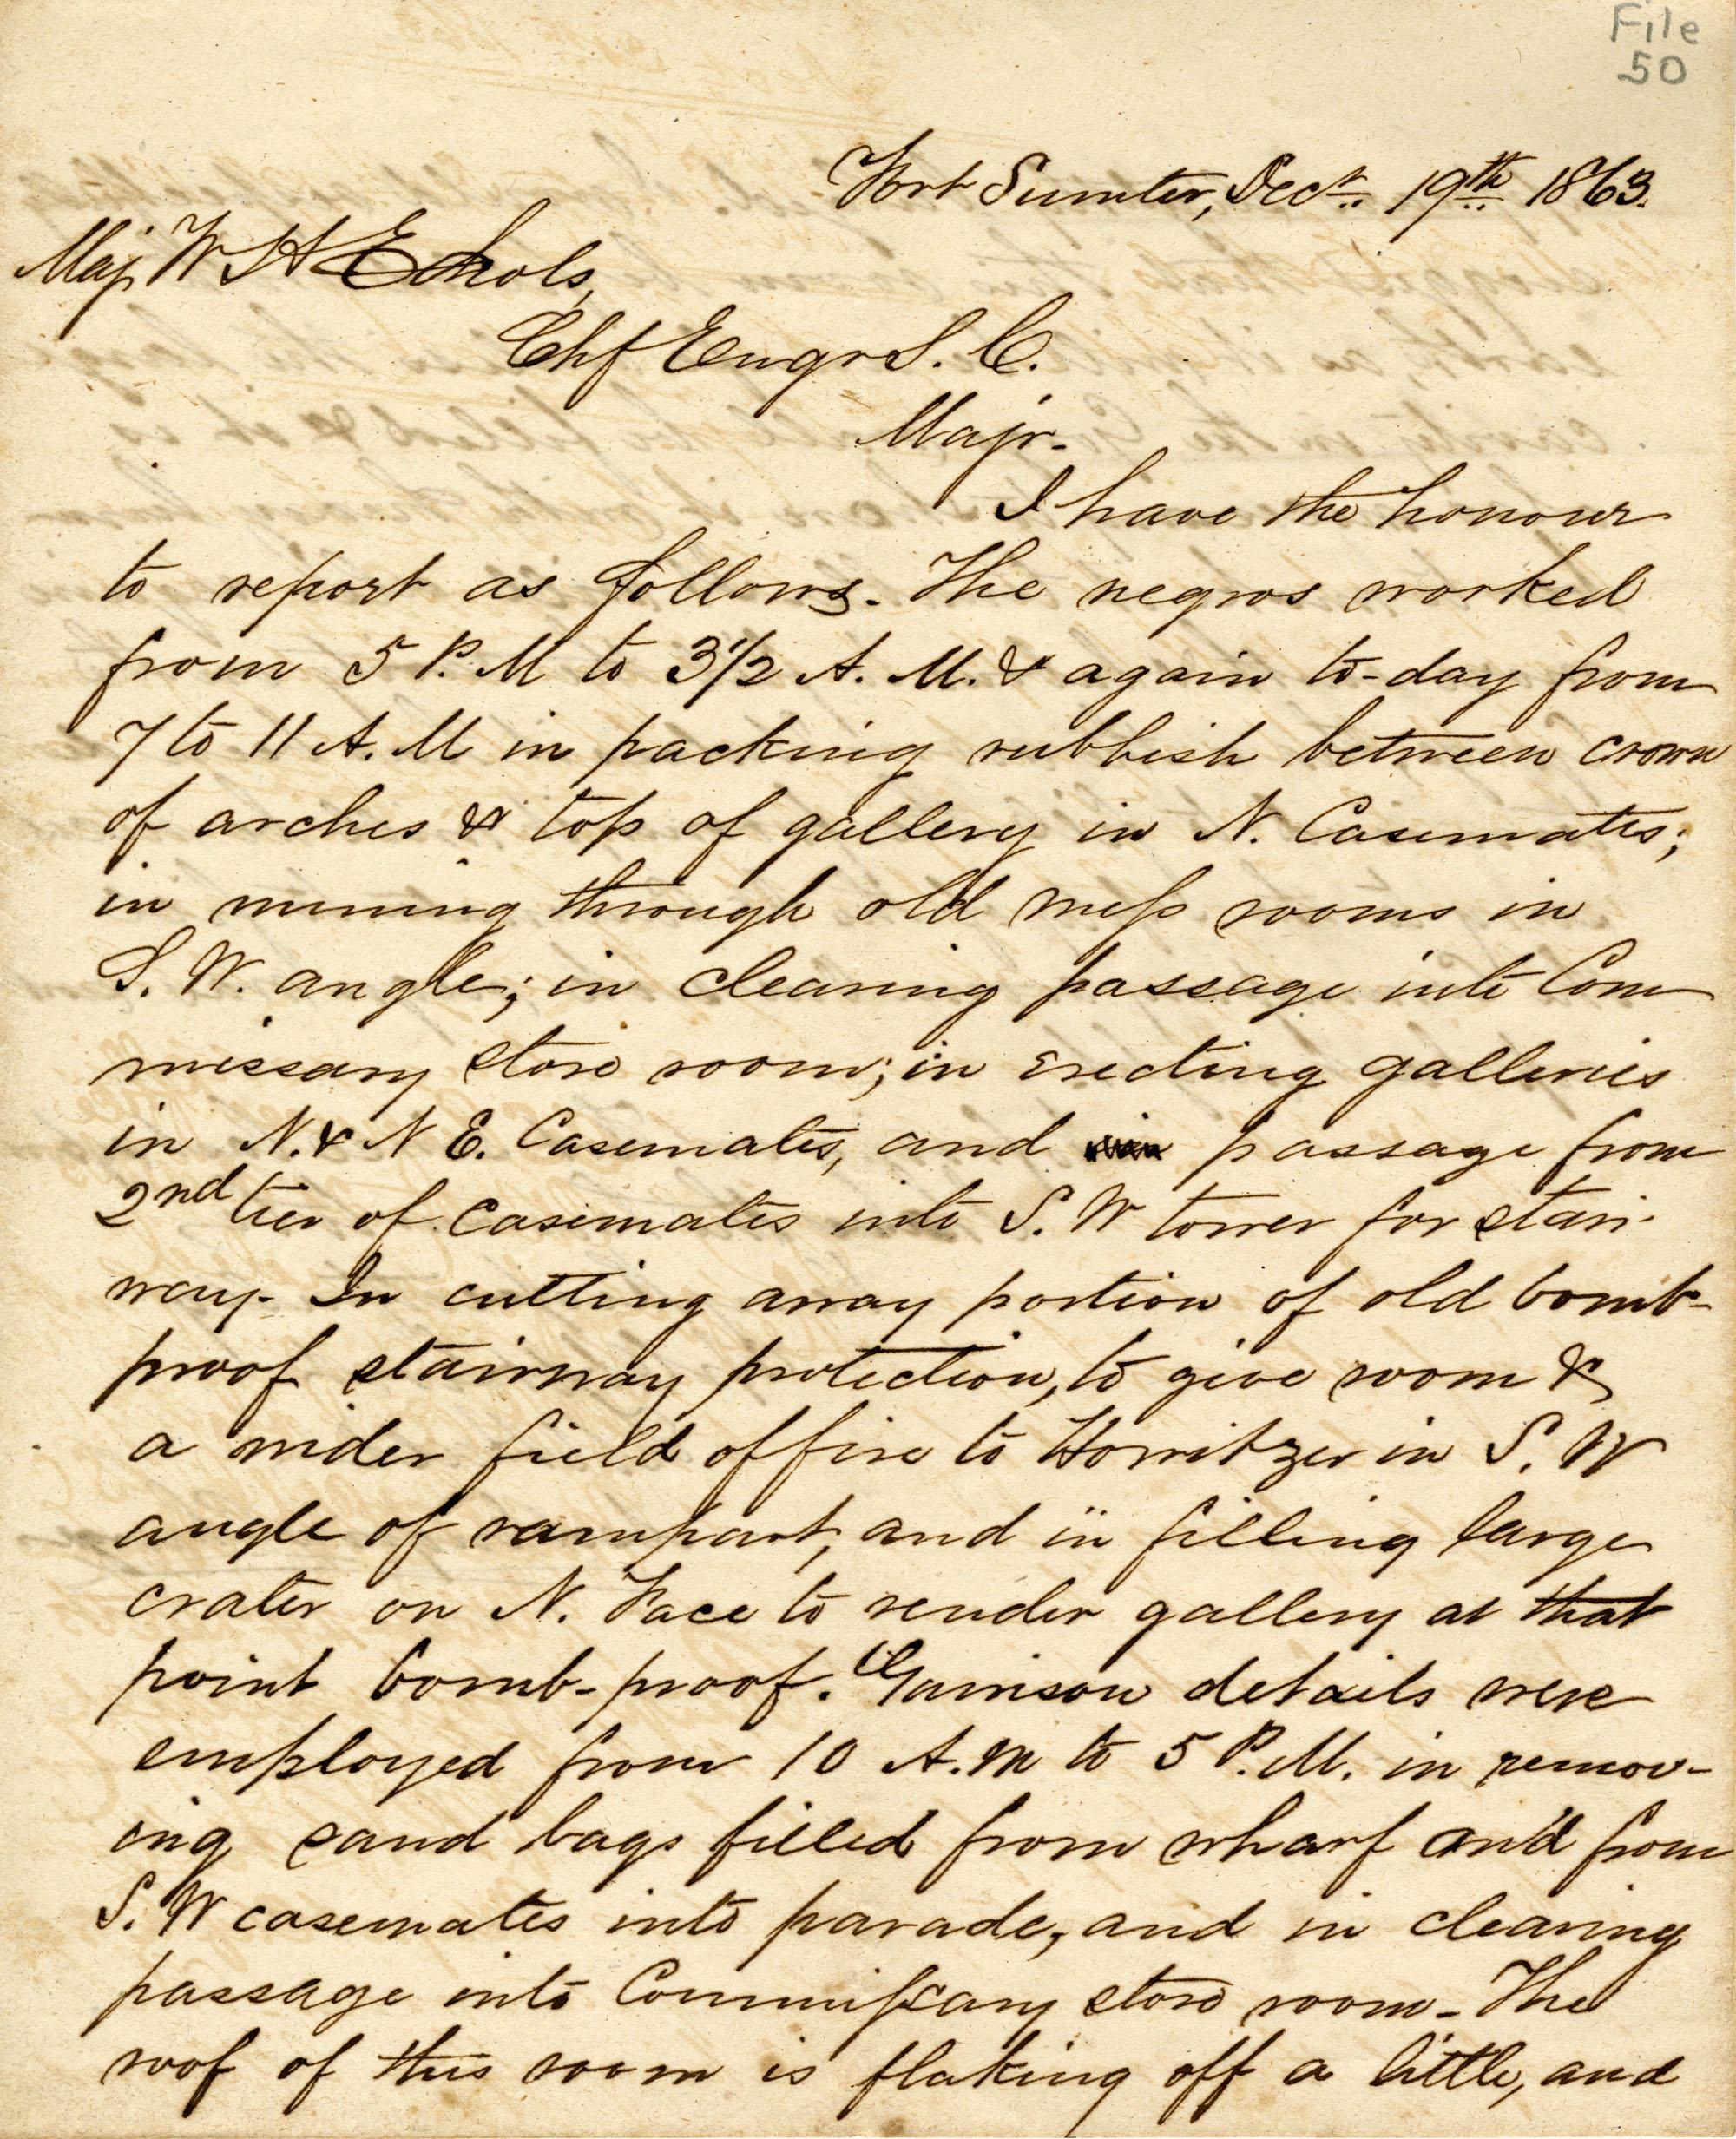 Letter, 19 December